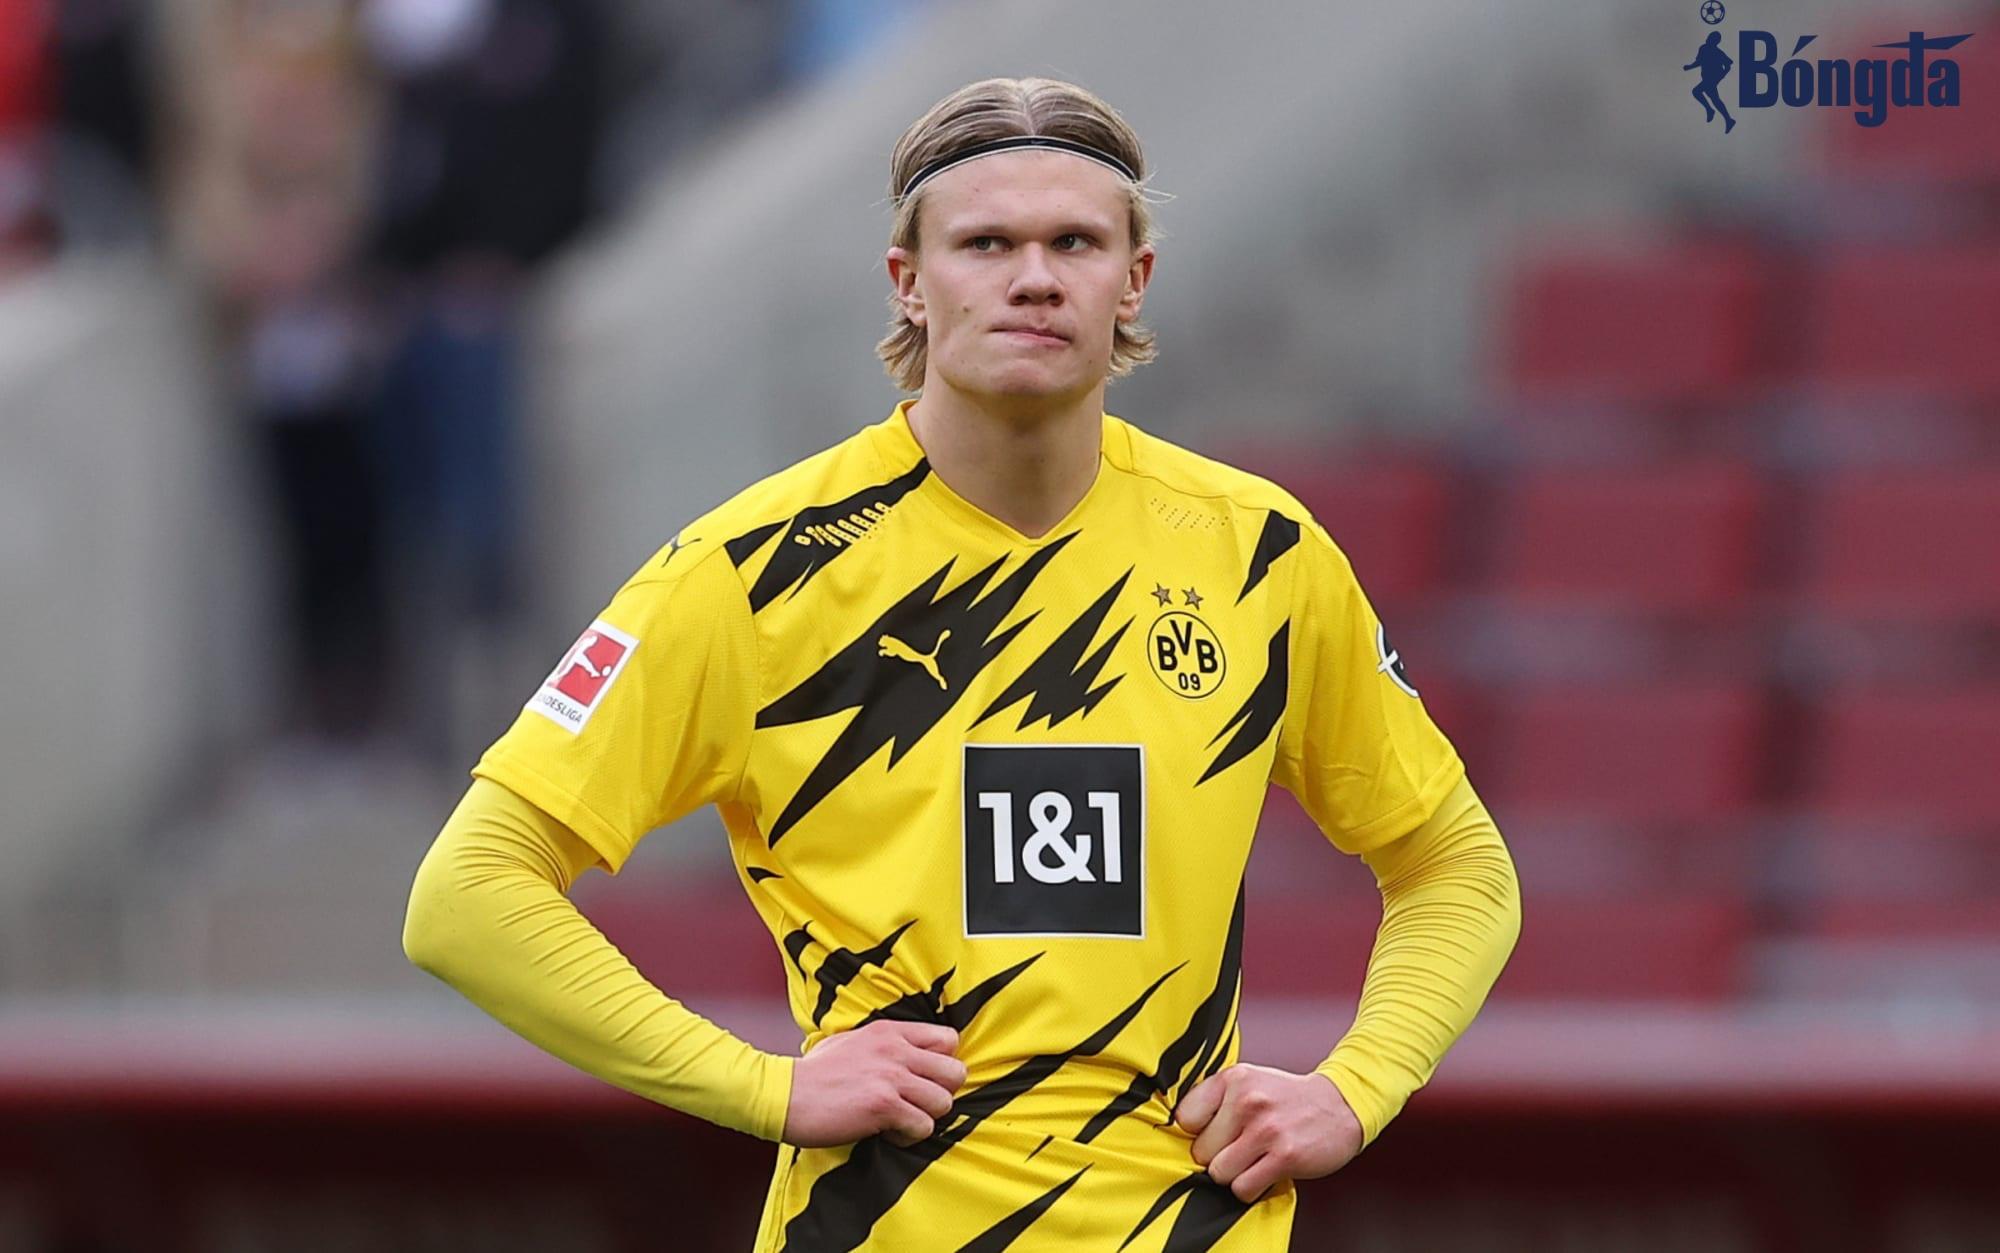 Vua phá lưới Champions League 2020/21: Erling Haaland dẫn đầu cuộc đua